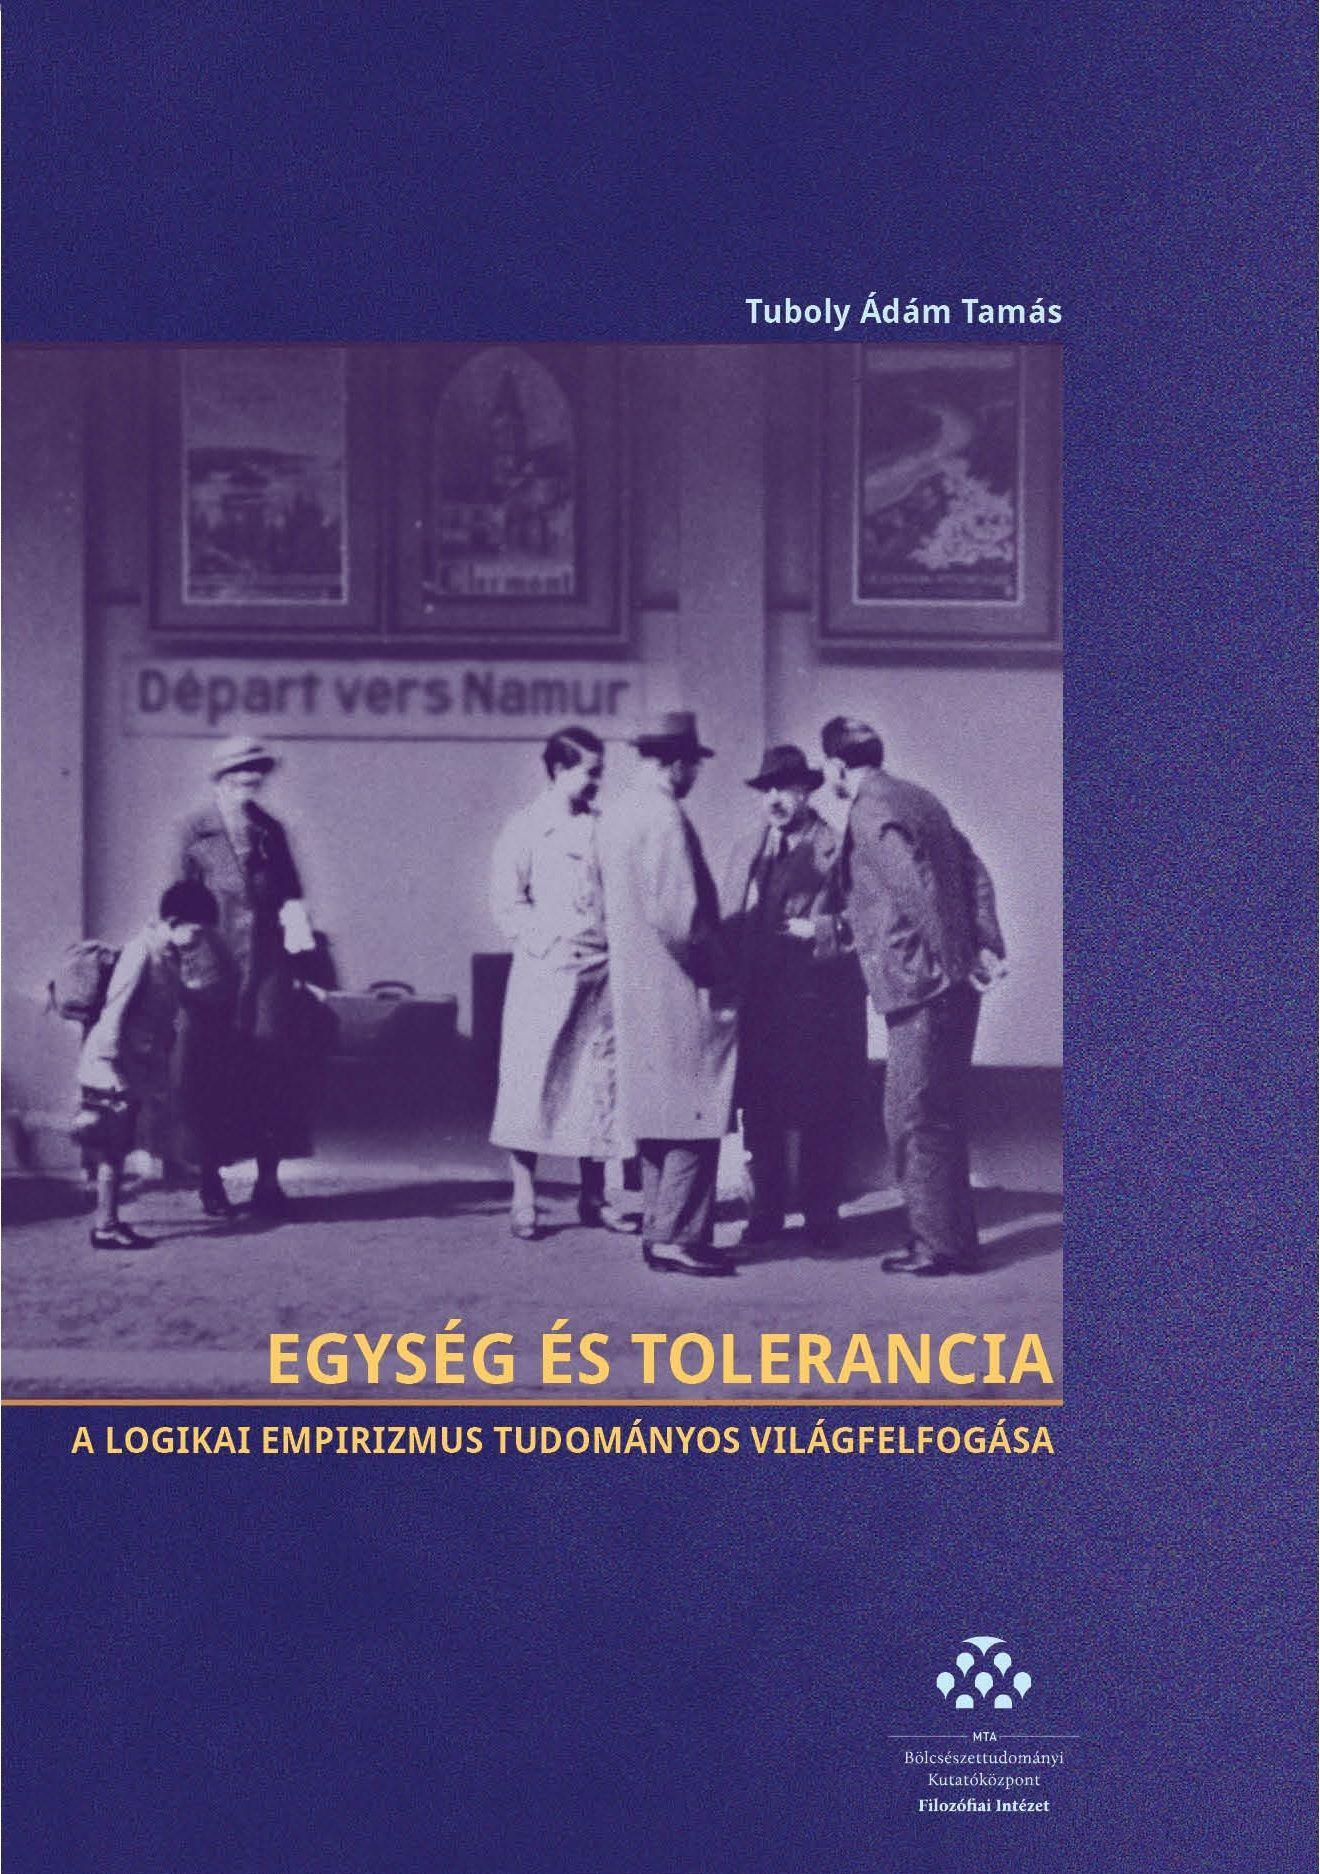 EGYSÉG ÉS TOLERANCIA - A LOGIKAI EMPIRIZMUS TUDOMÁNYOS VILÁGFELFOGÁSA